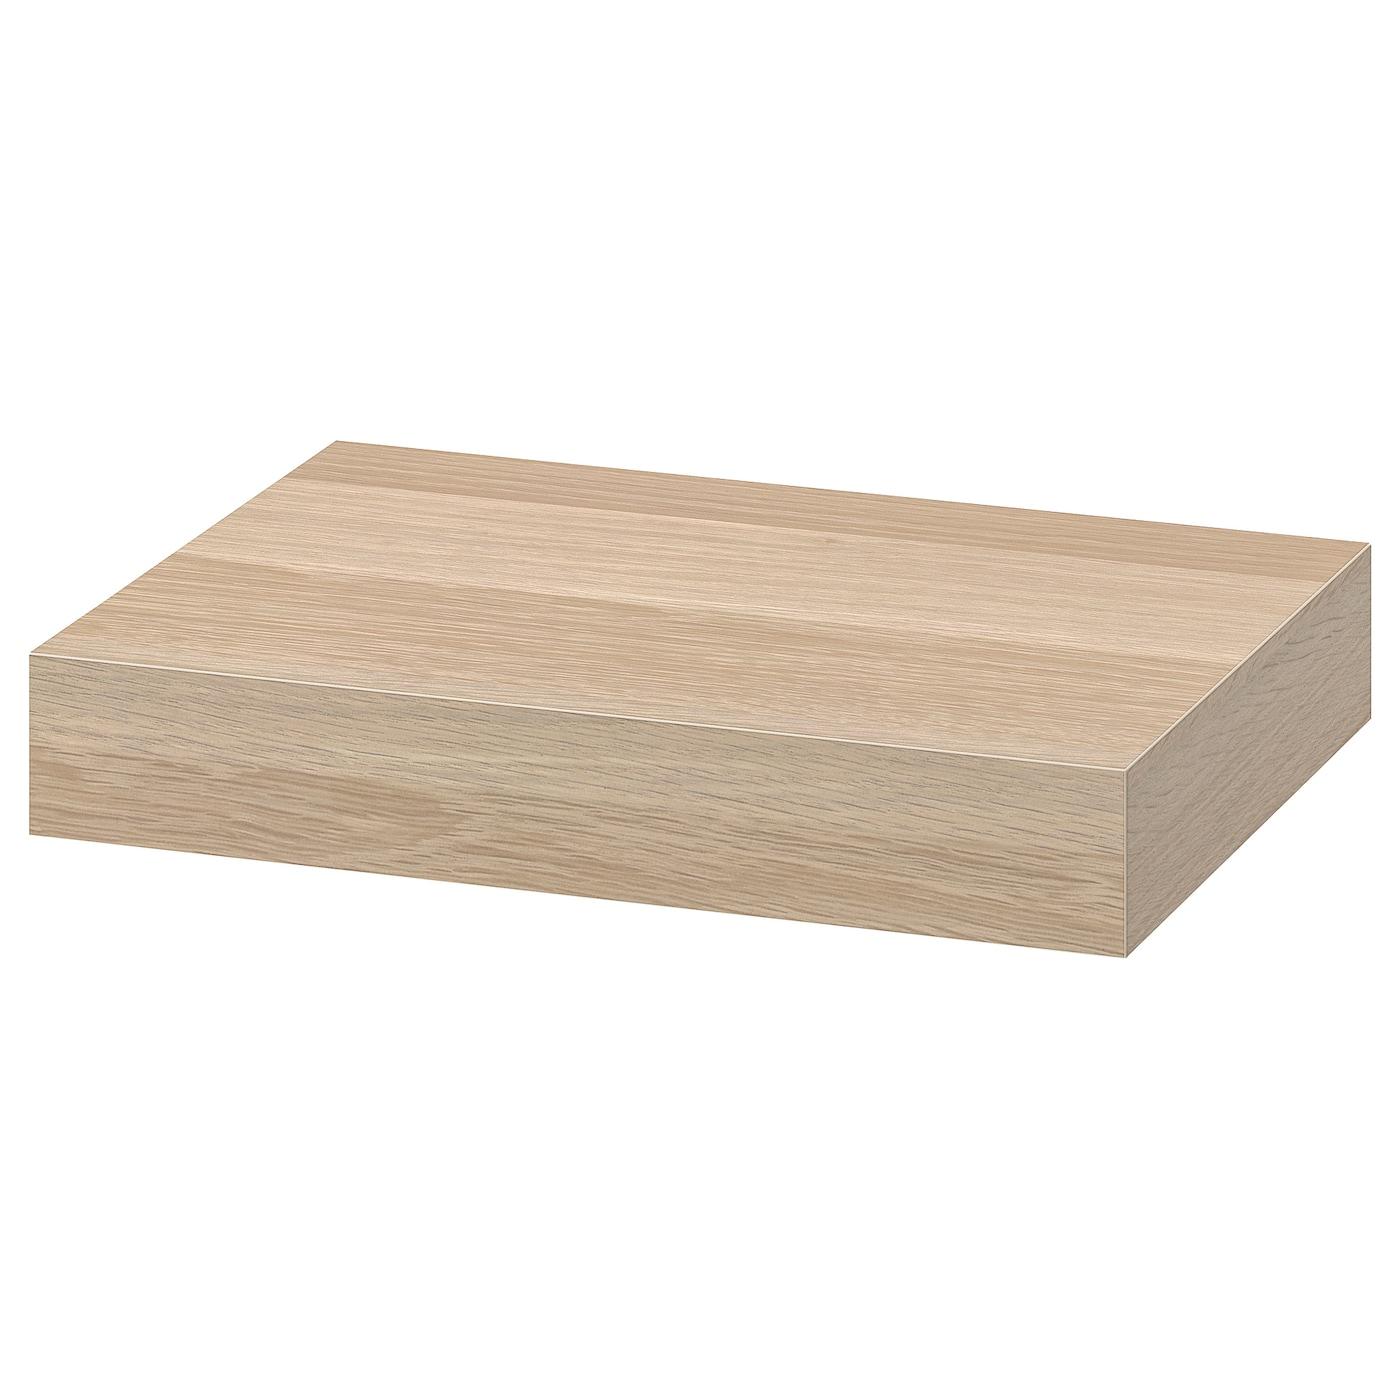 Wall Shelf Lack White Stained Oak Effect